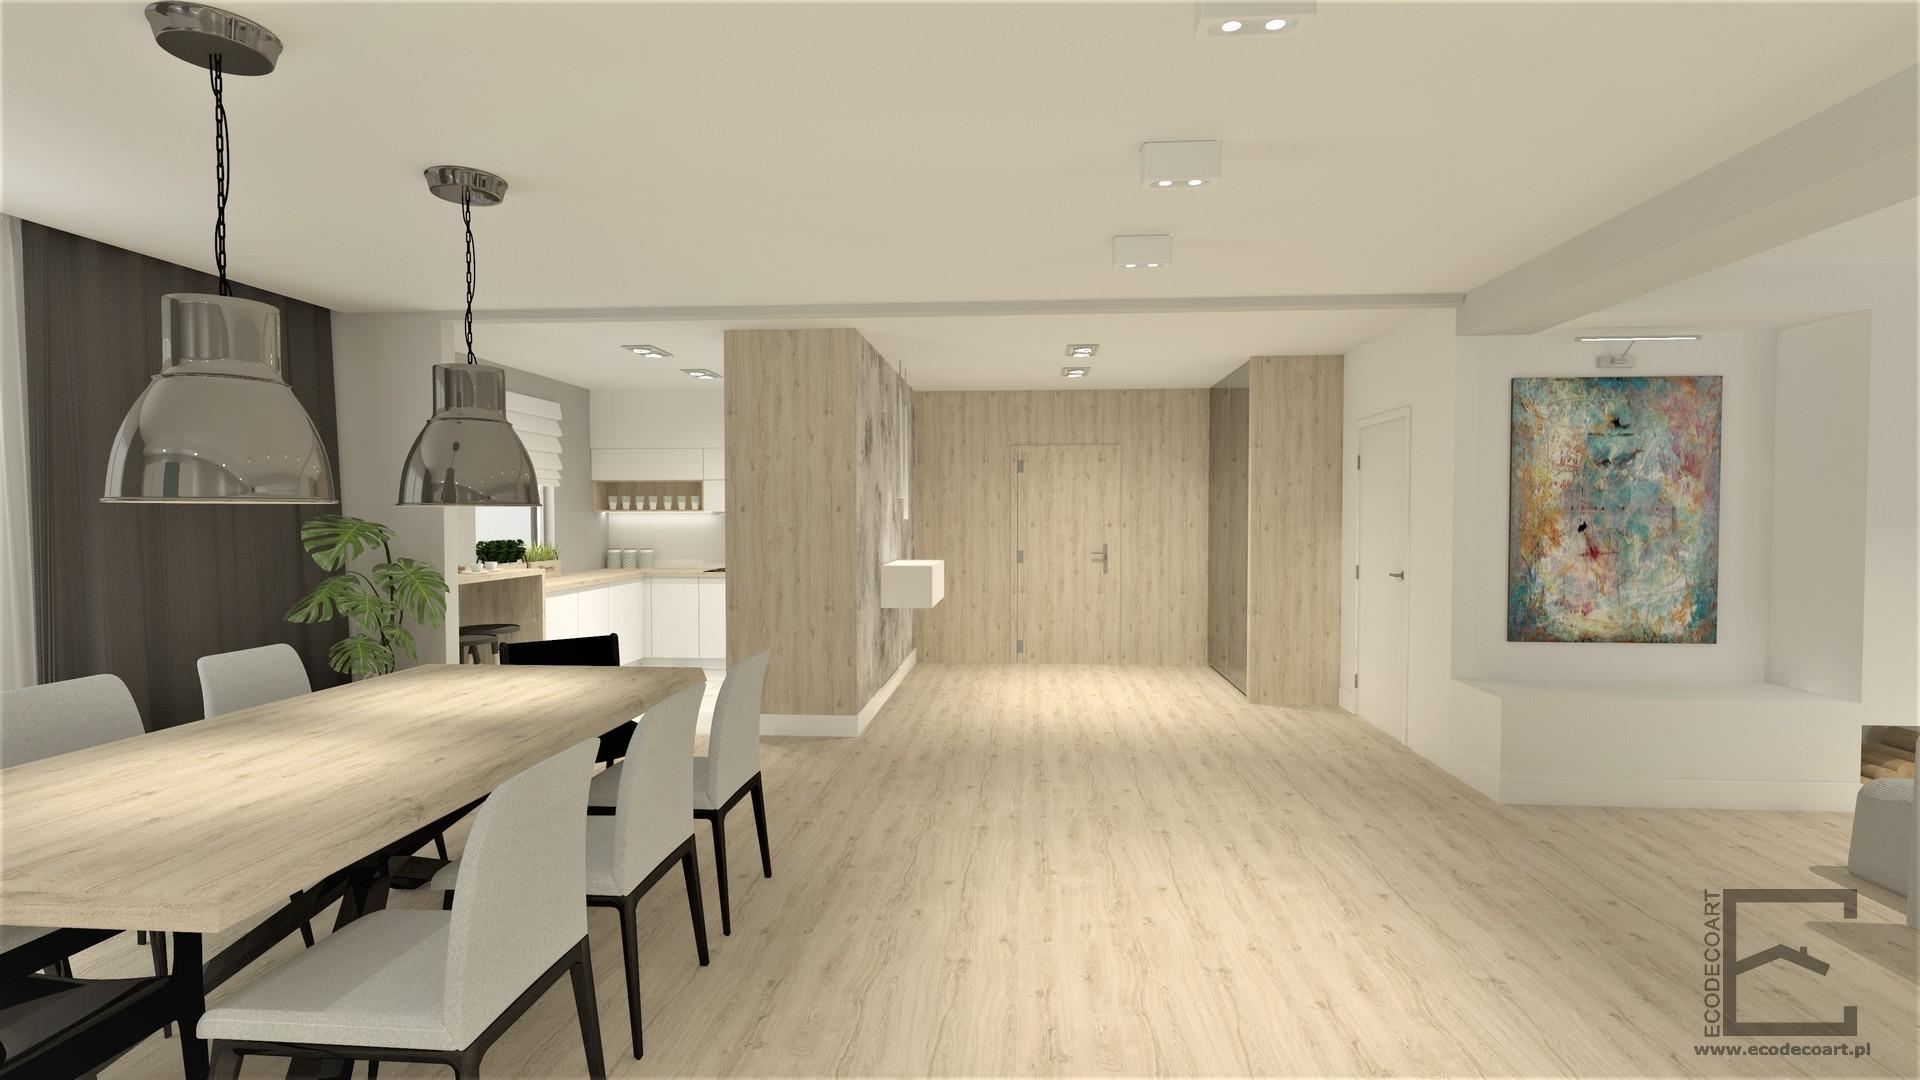 Mieszkanie w Lublinie – strefa dzienna z kuchnią